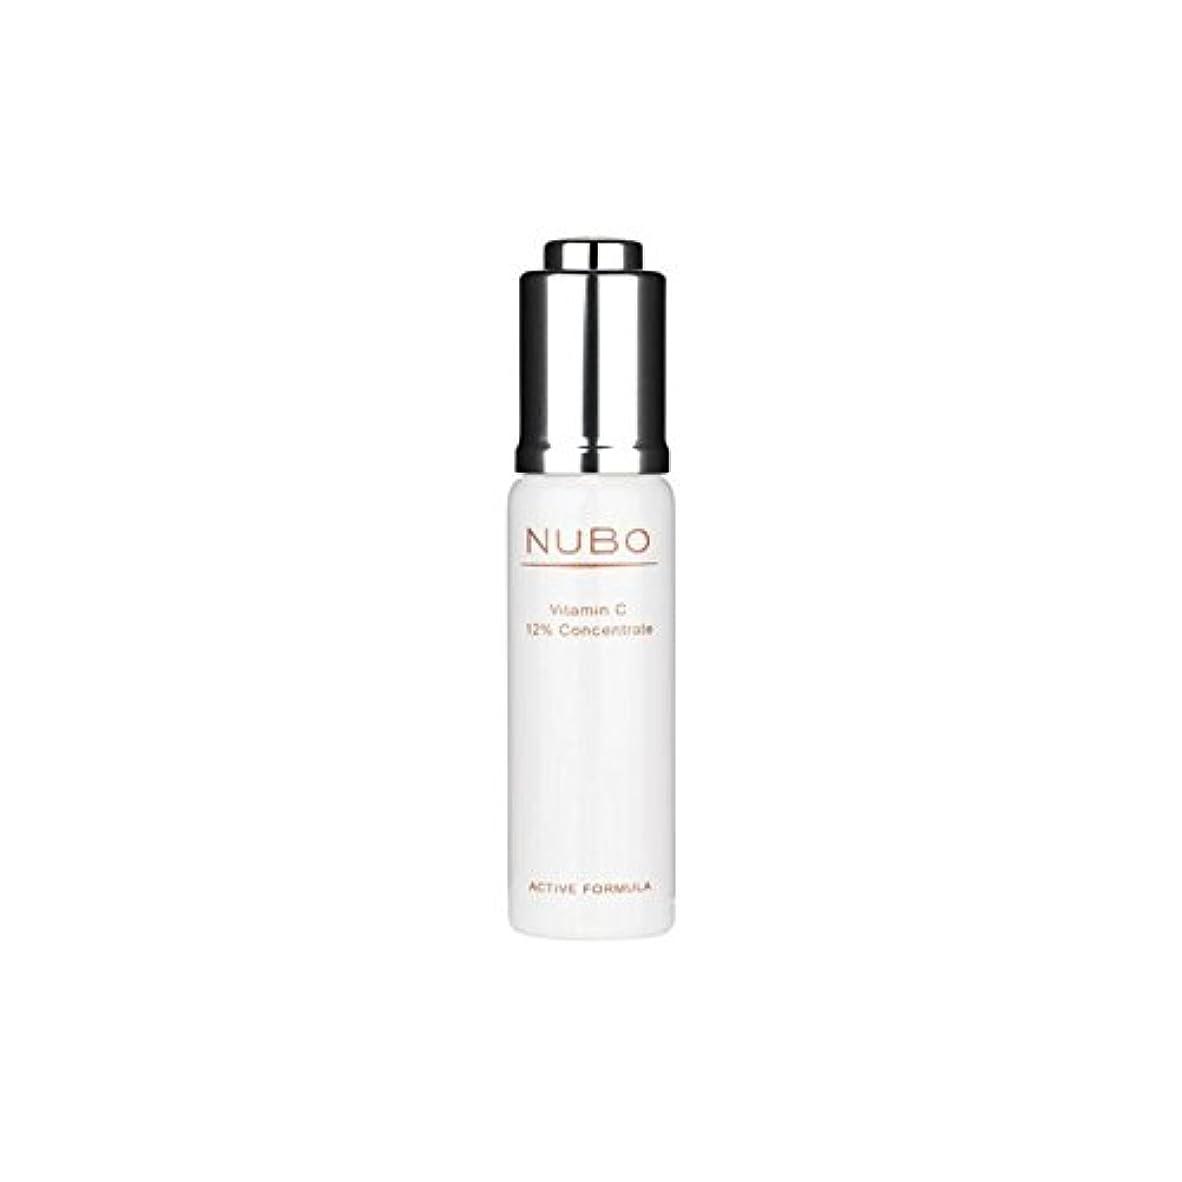 健全女将ロシアビタミン 12%の濃縮物(15ミリリットル) x4 - Nubo Vitamin C 12% Concentrate (15ml) (Pack of 4) [並行輸入品]